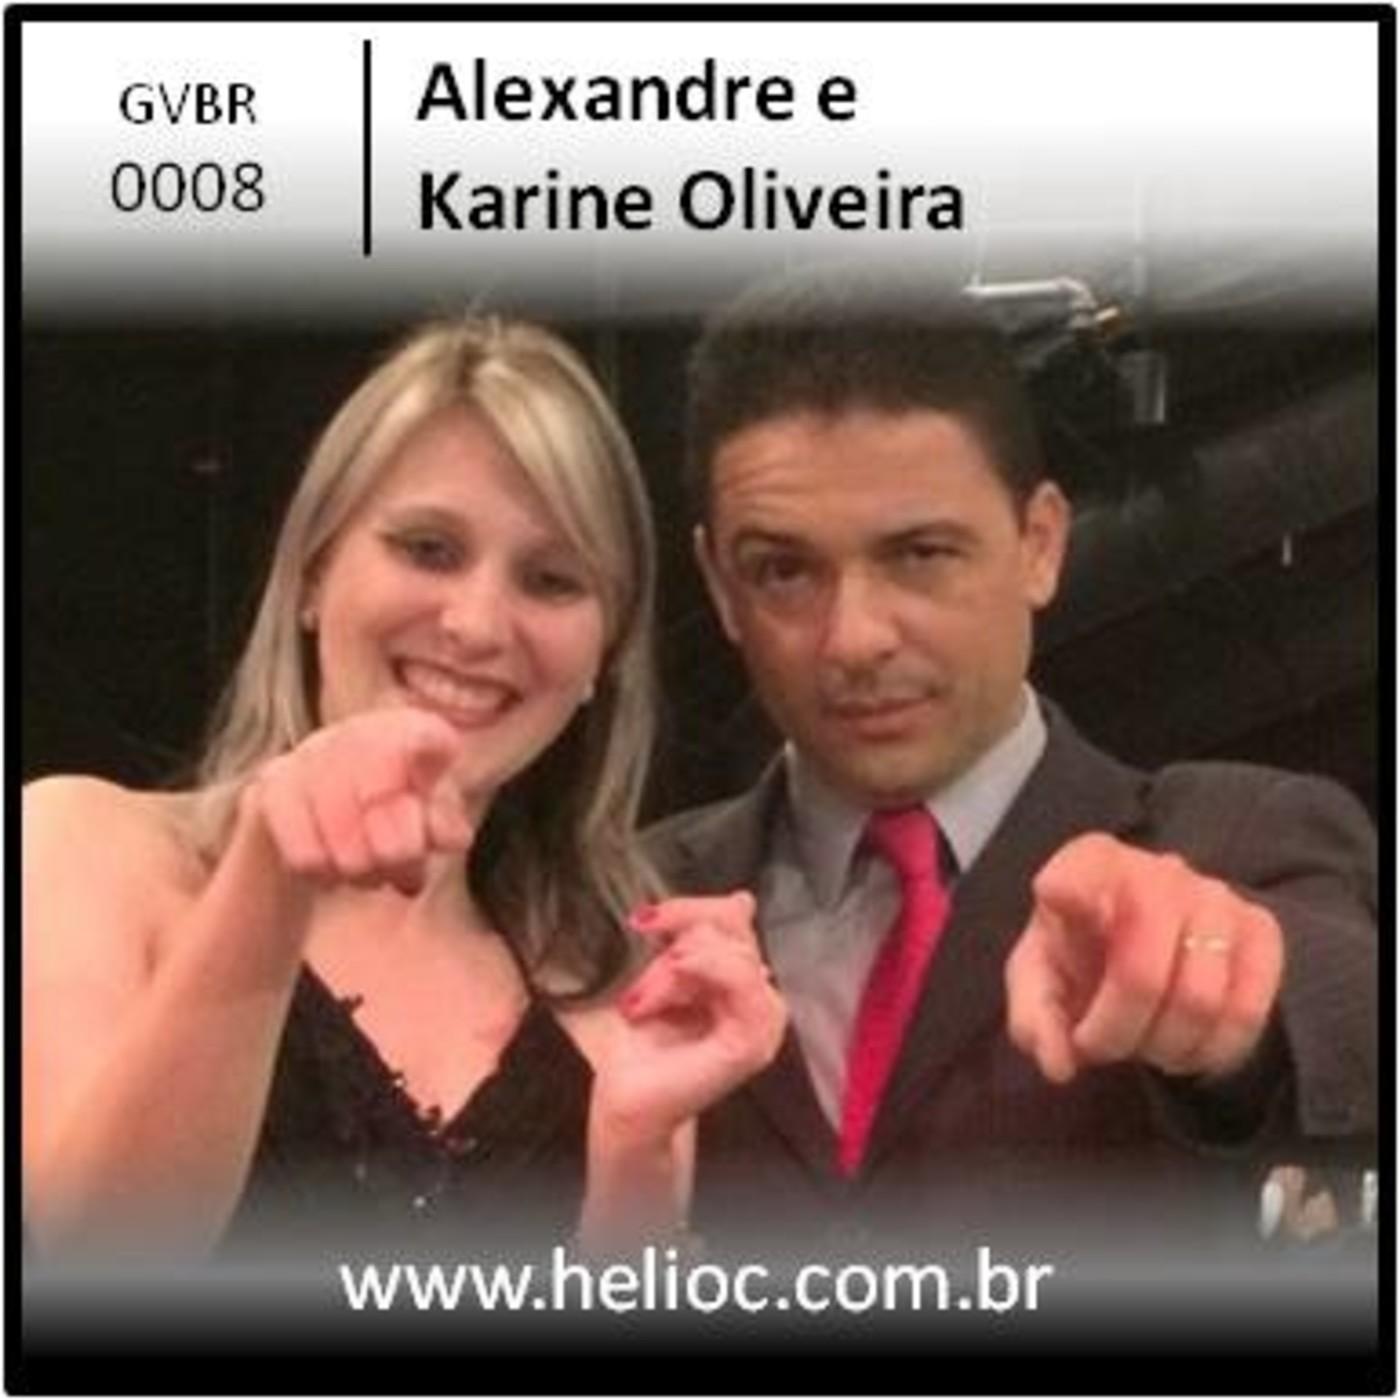 GVBR 0008 - Desistir E Para Os Fracos - Alexandre e Karine Oliveira